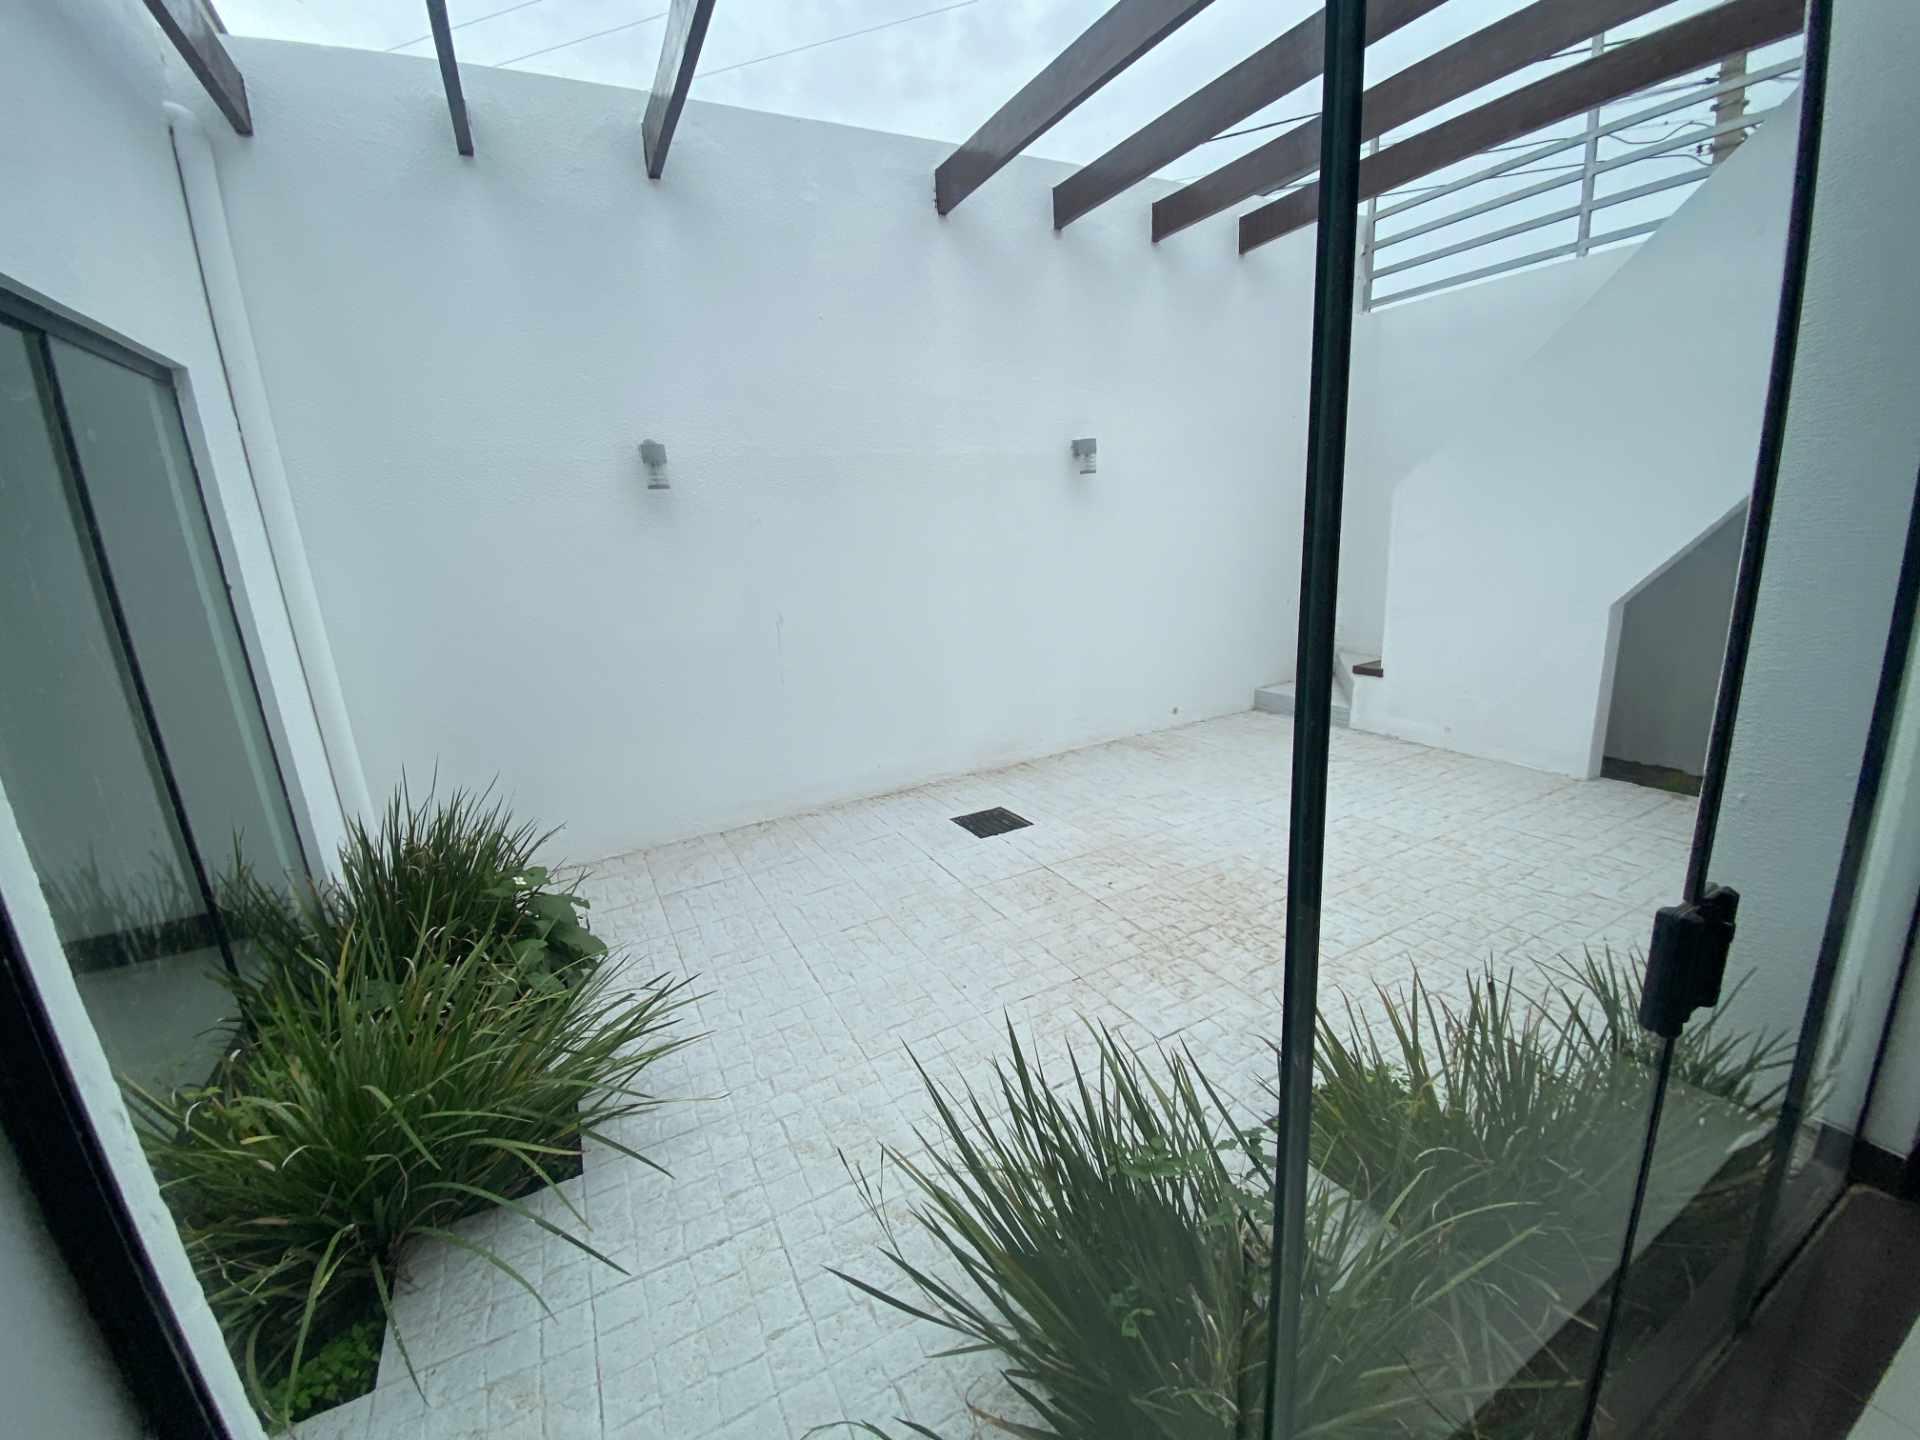 Casa en Venta Condominio Mónaco, entre 7mo y 8vo anillo de la zona norte sobre Canal Pedro Velez.  Foto 11